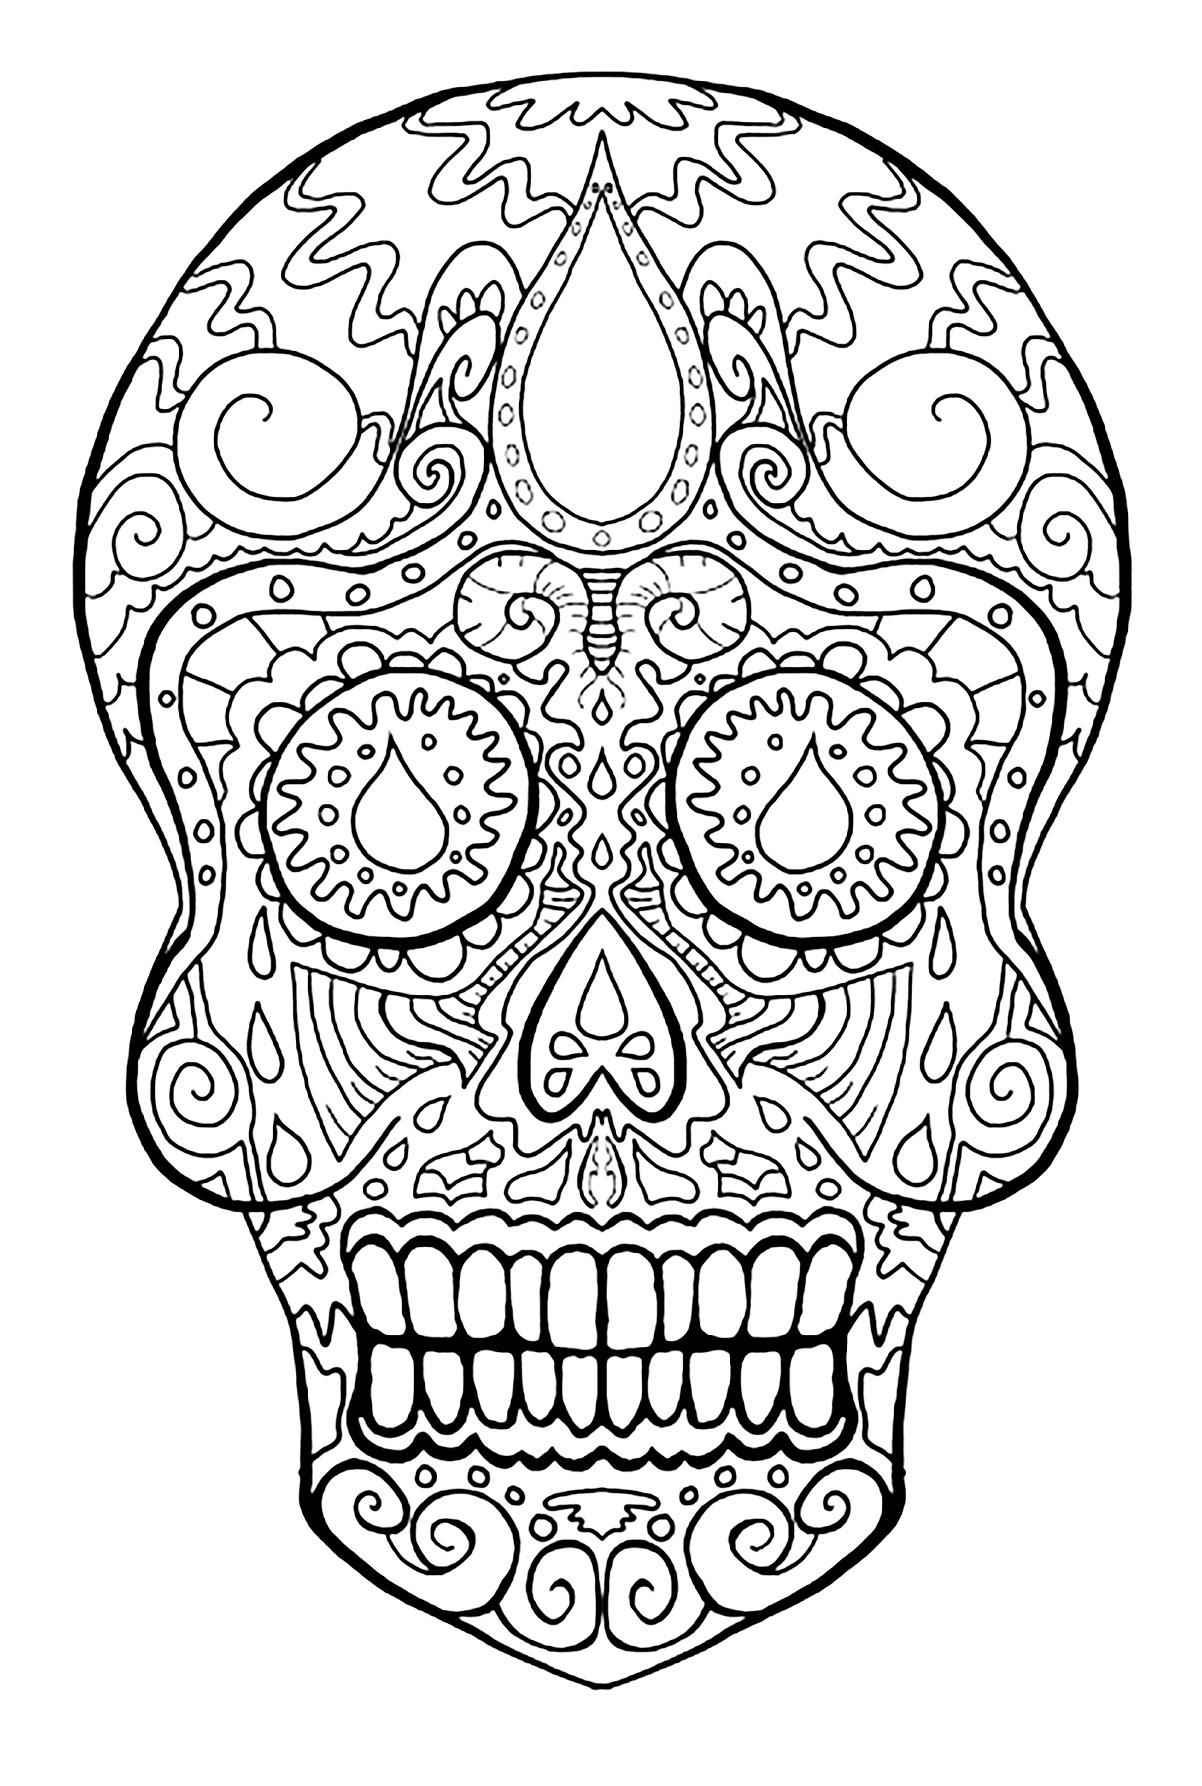 Incroyable Coloriage de Días de los muertos (Le jour des morts), simple, pour enfants